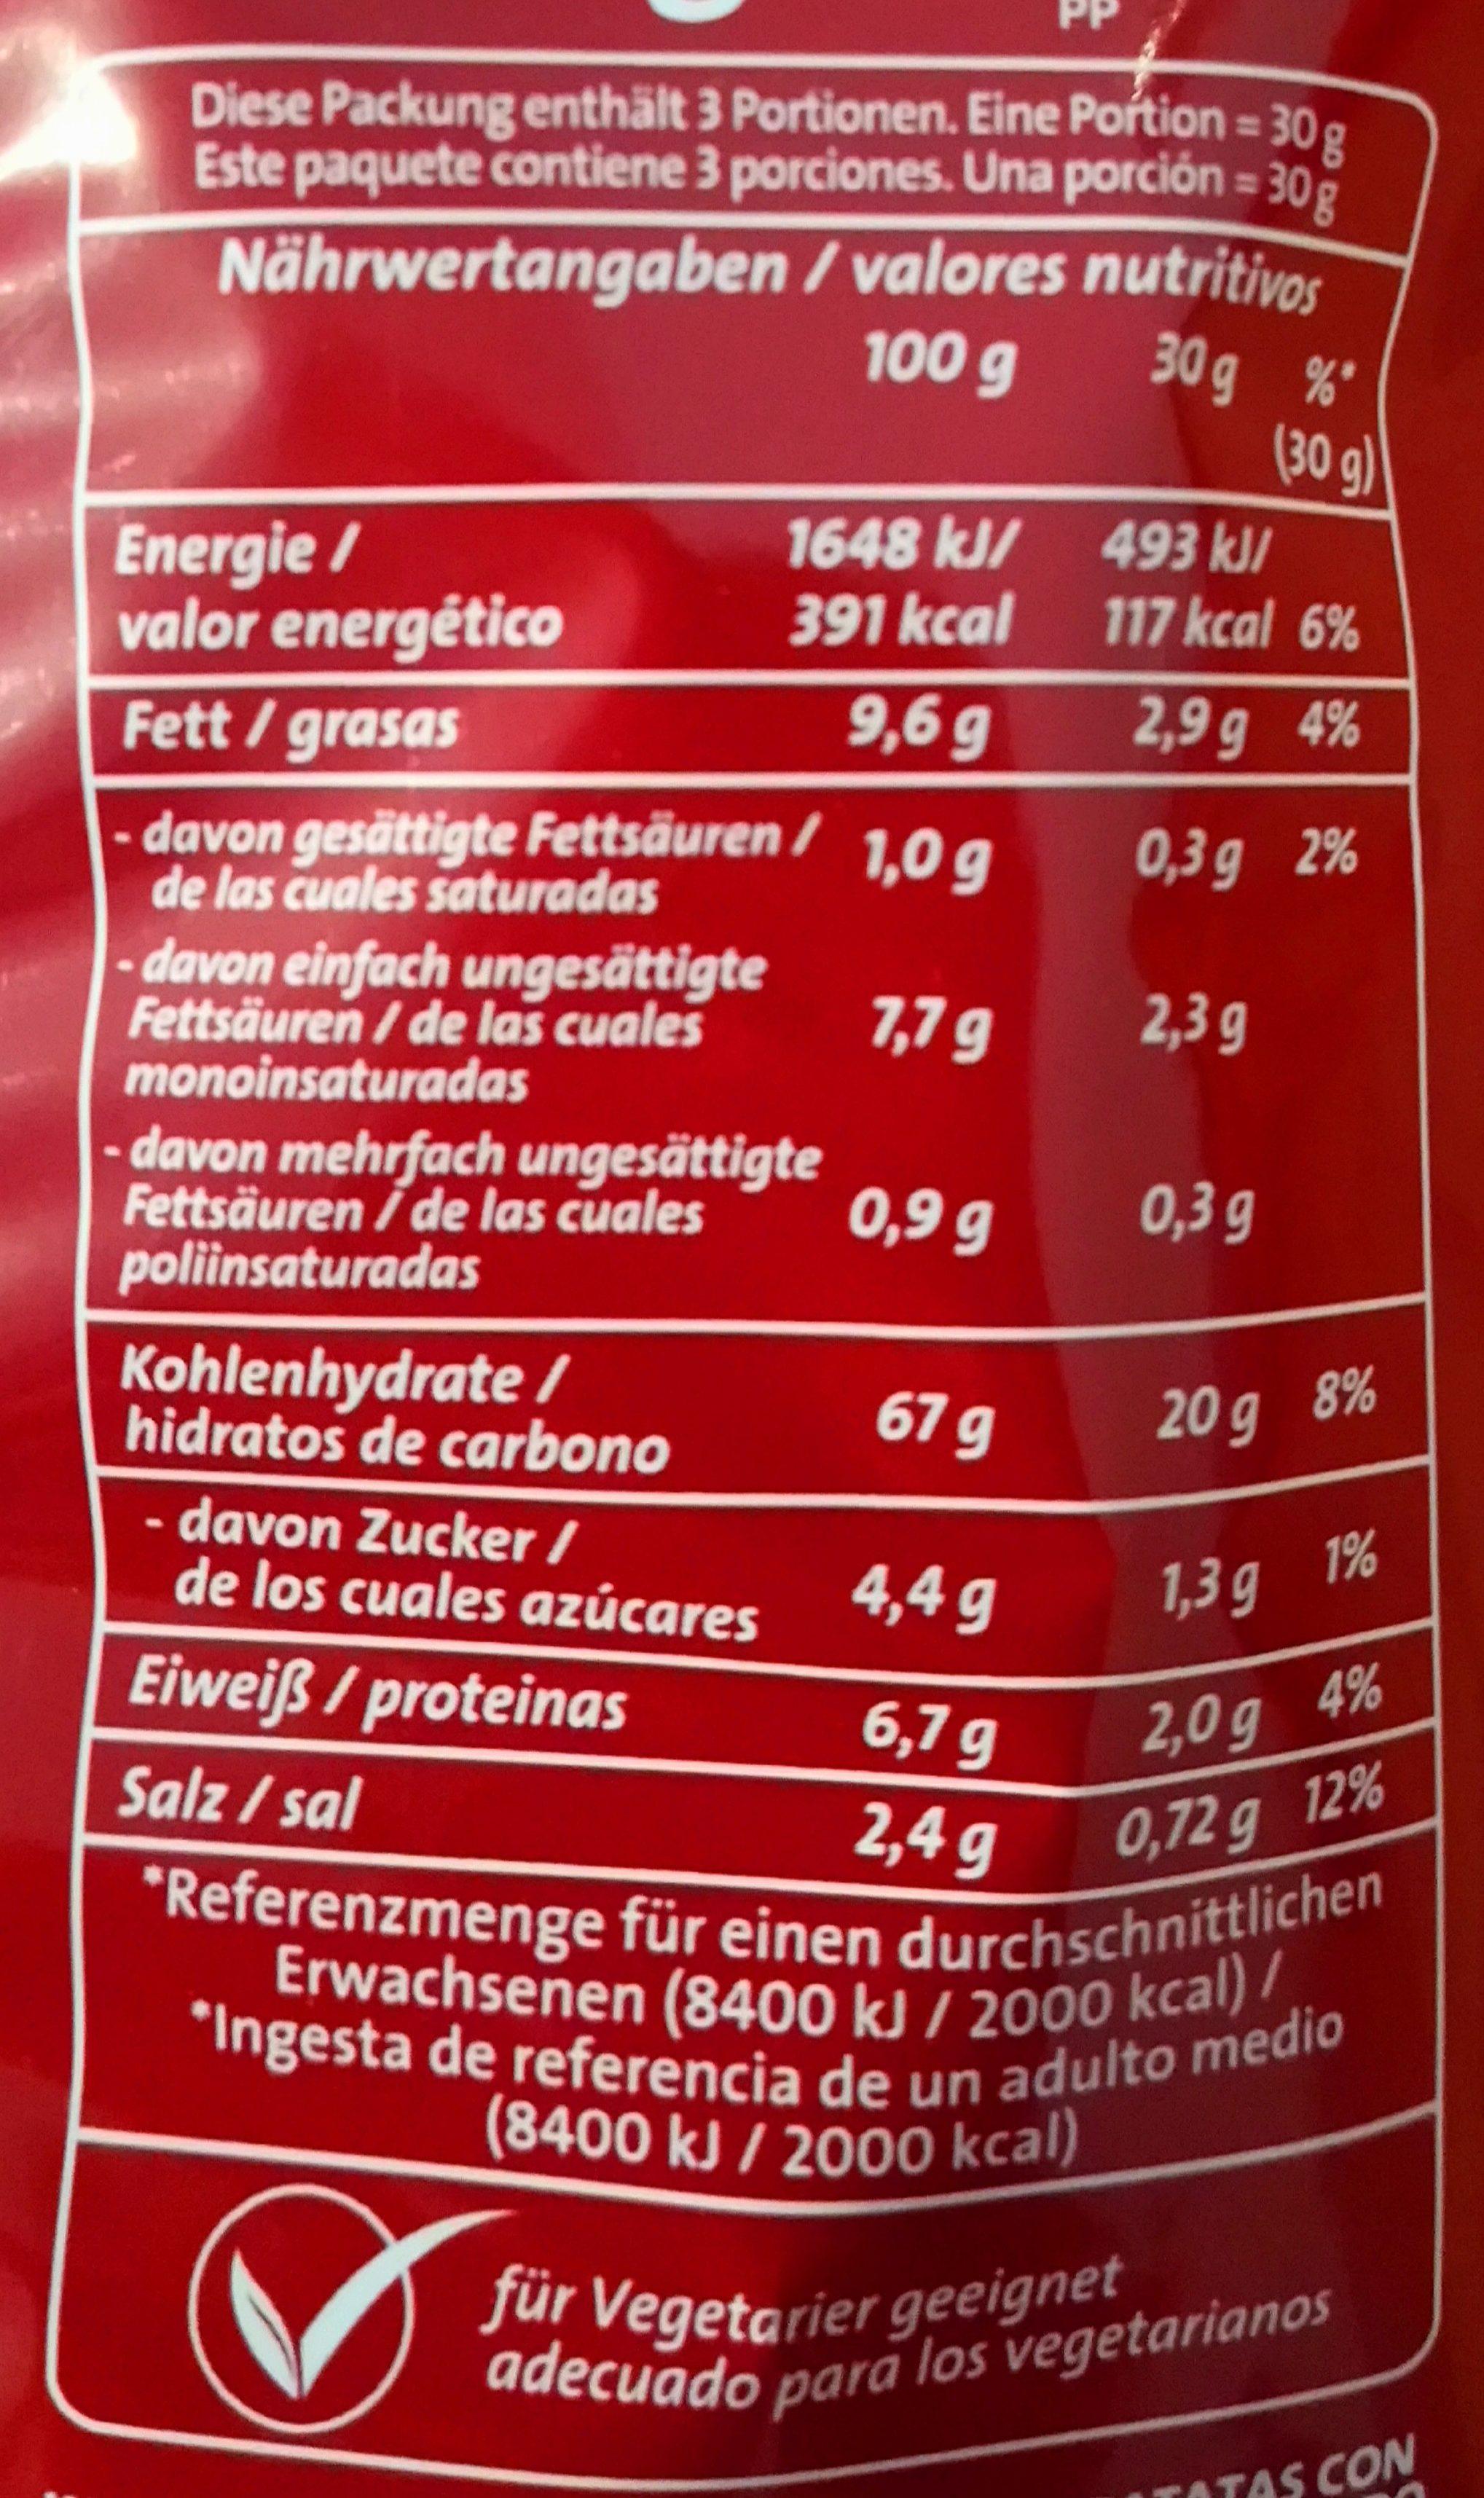 Chips Cracker (mit Meersalz) - Nährwertangaben - de